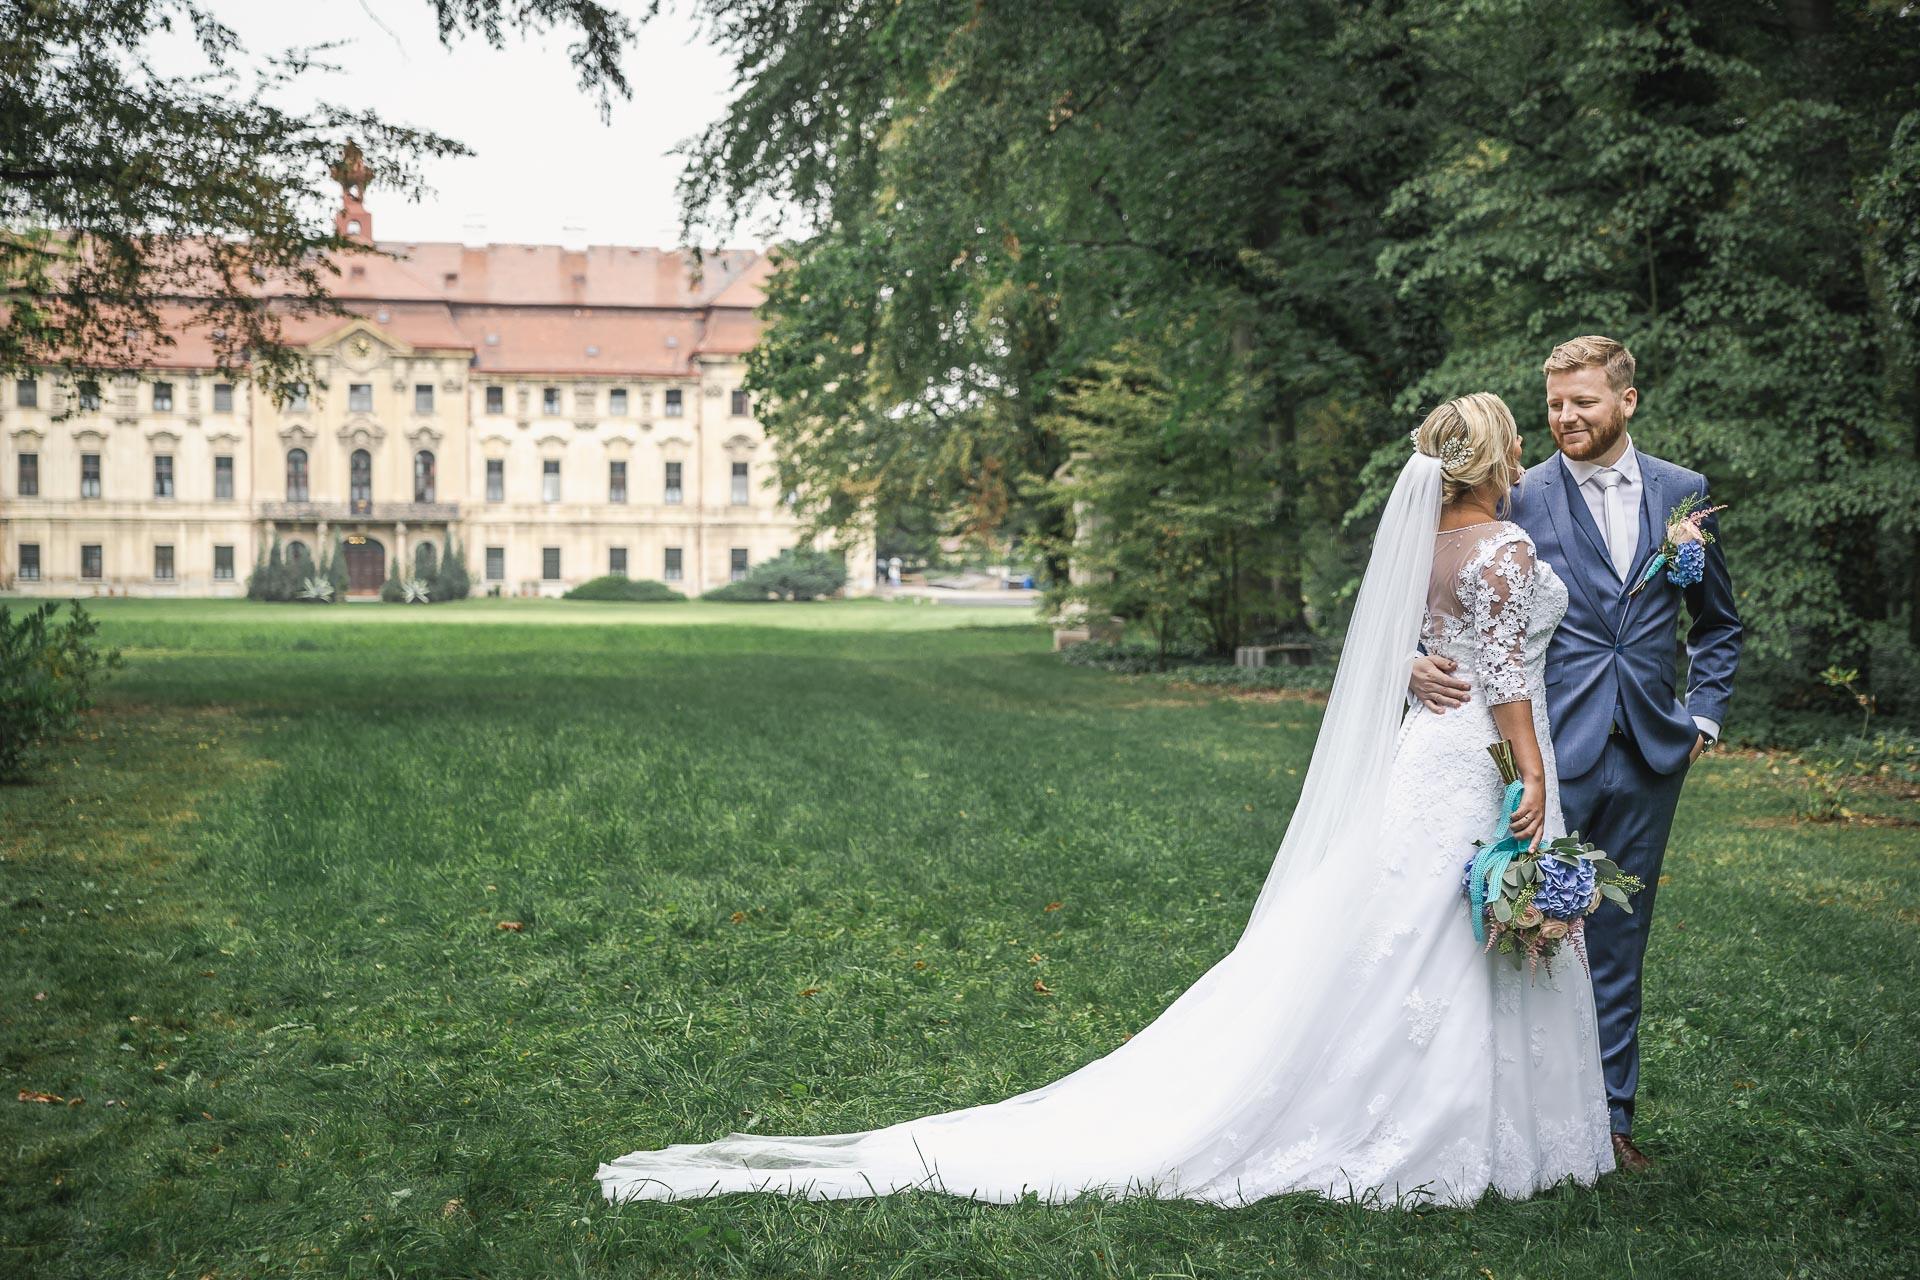 Svatební-fotograf-zámecký-park-Měšice-Svatba-Měšice-u-Prahy-7477